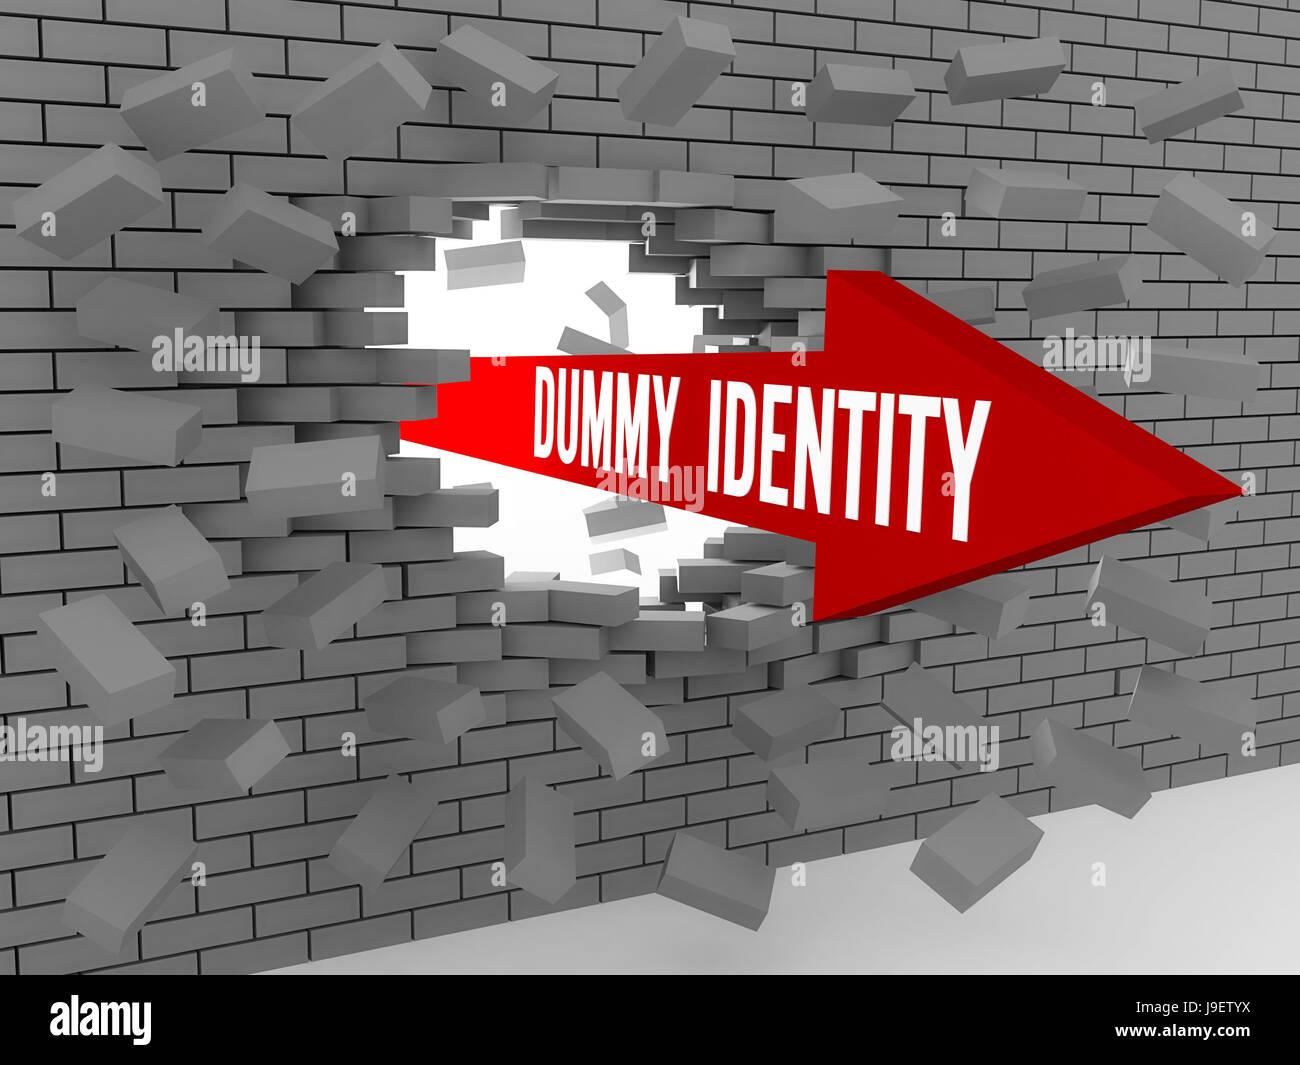 Freccia con parole identità fittizia rompendo un muro di mattoni. Concetto 3D'illustrazione. Immagini Stock